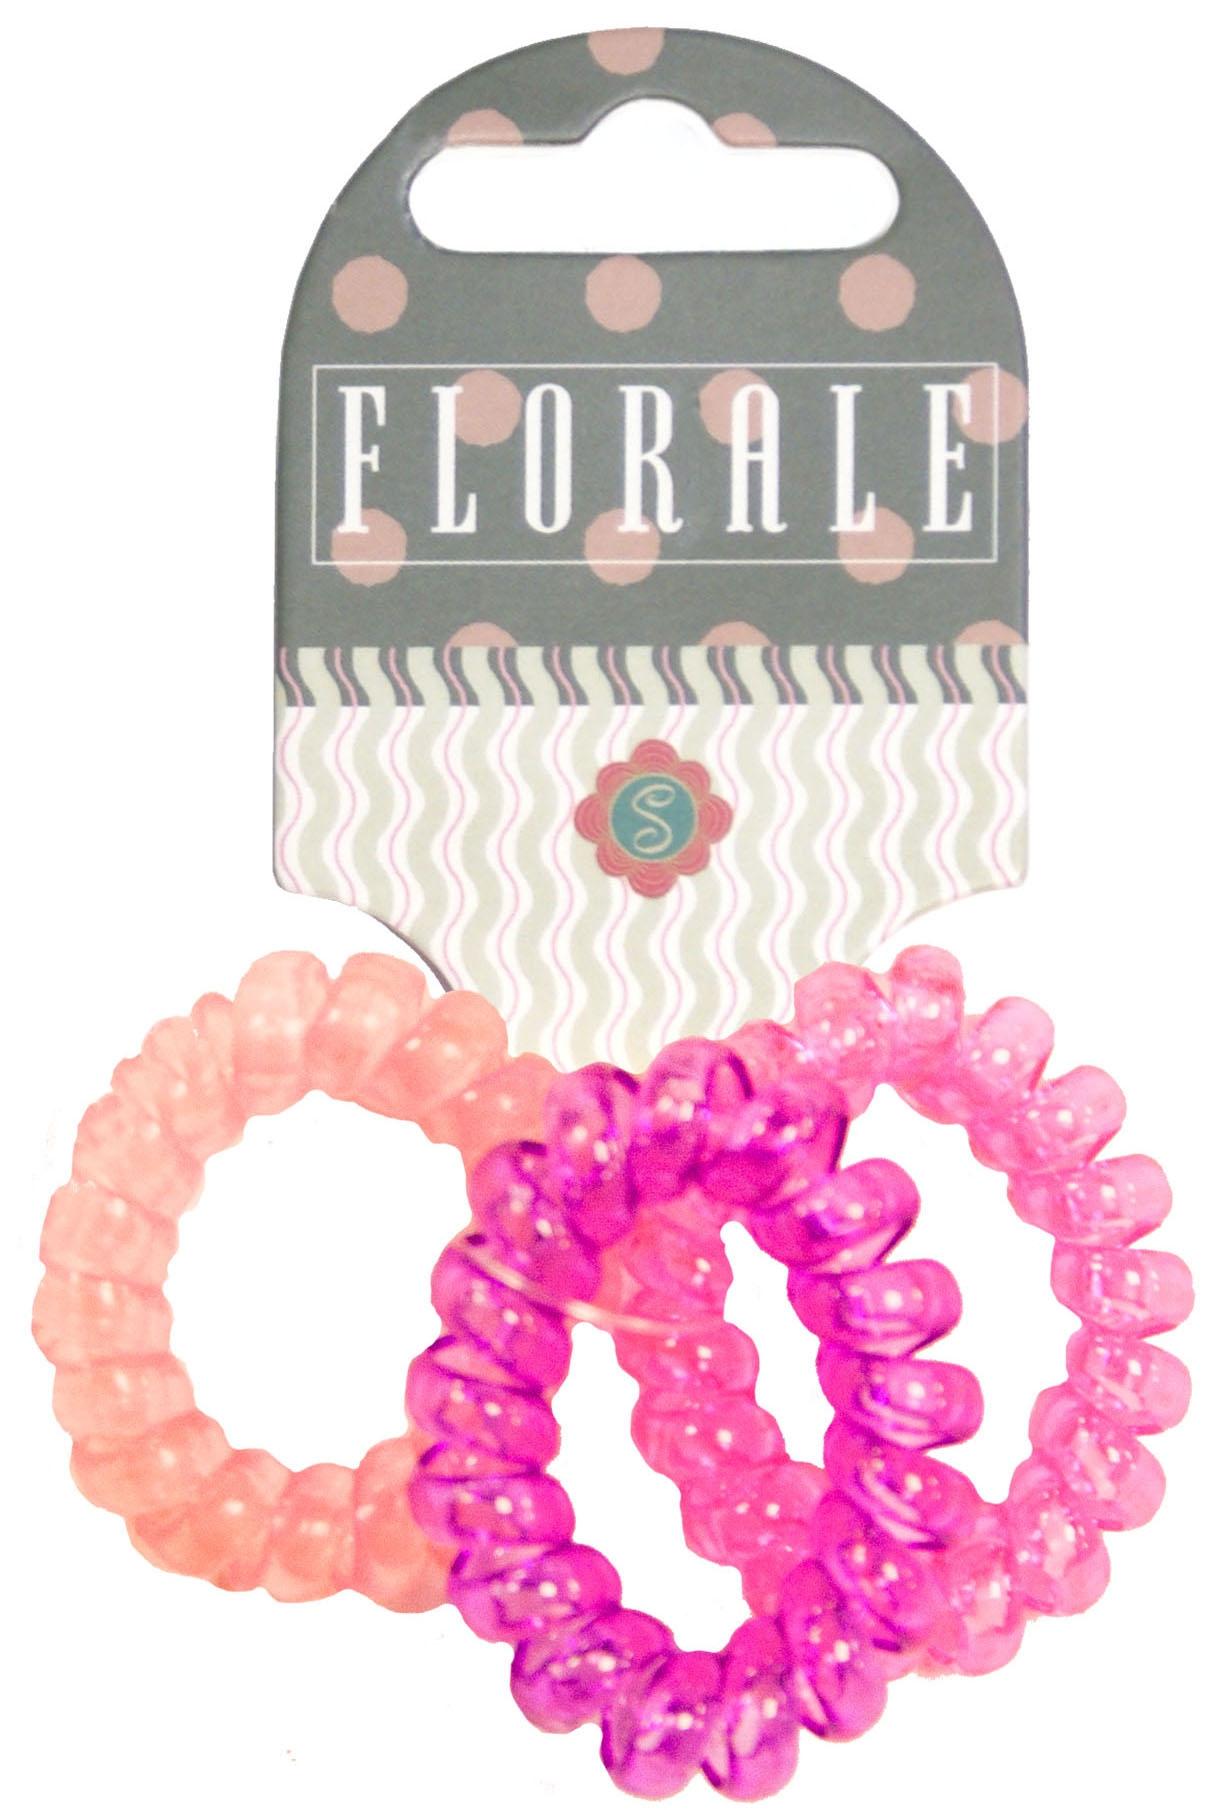 Украшения Florale Пружинки маша и медведь резинка для волос пружинки в цветовом дизайне 5 шт